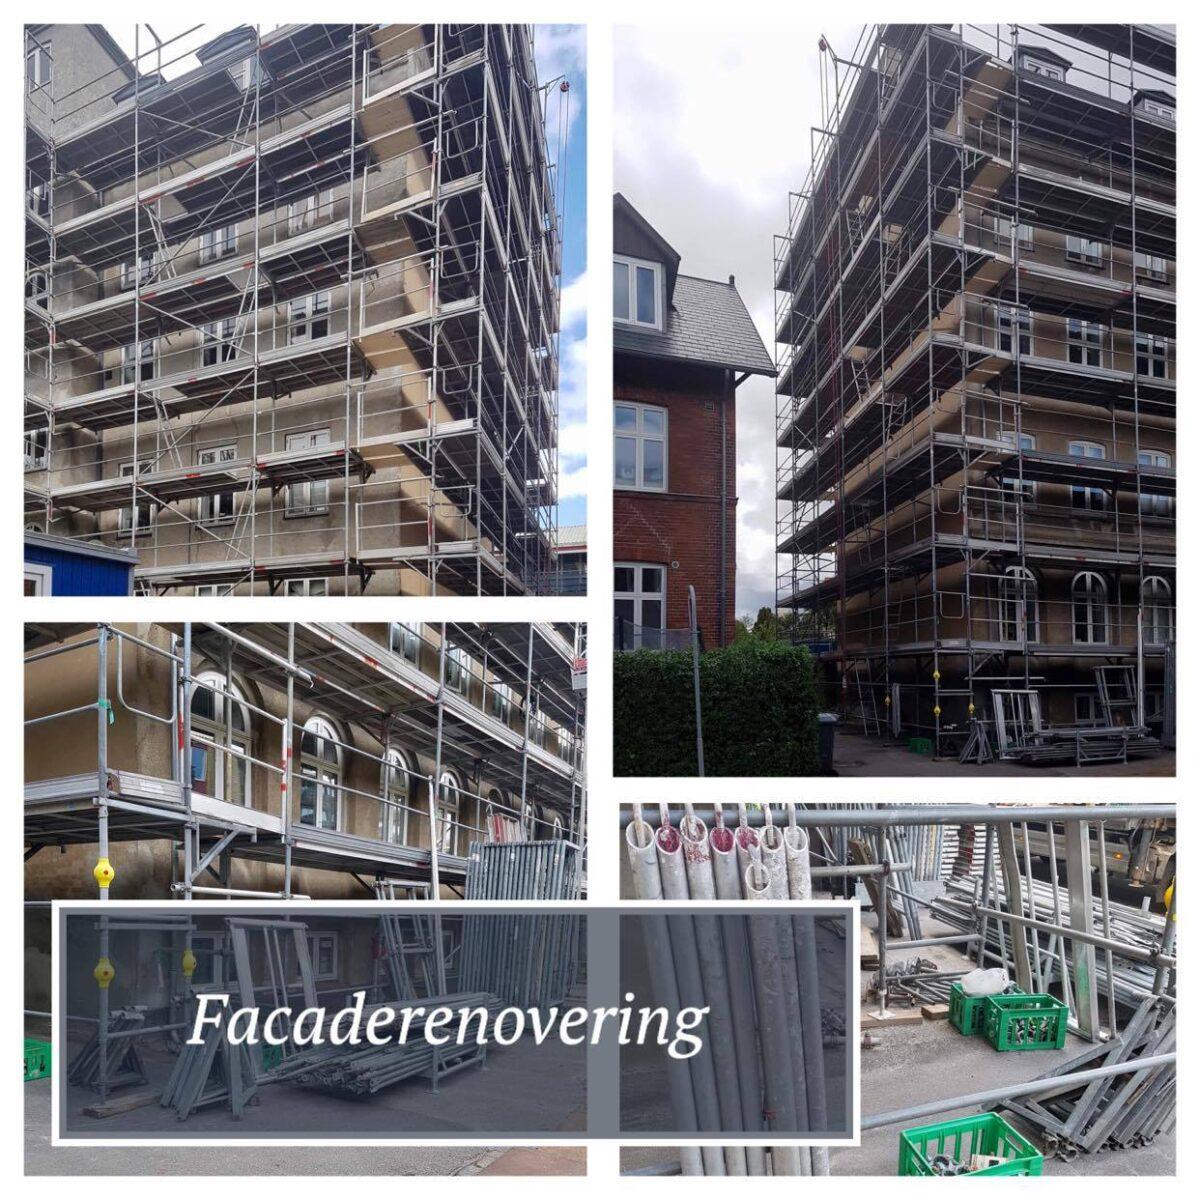 Facadestillads i svært stål til facaderenovering, hvilket kan tælle opgaver som vinduesudskiftning, rensning af nedløb, tagrender m.m.